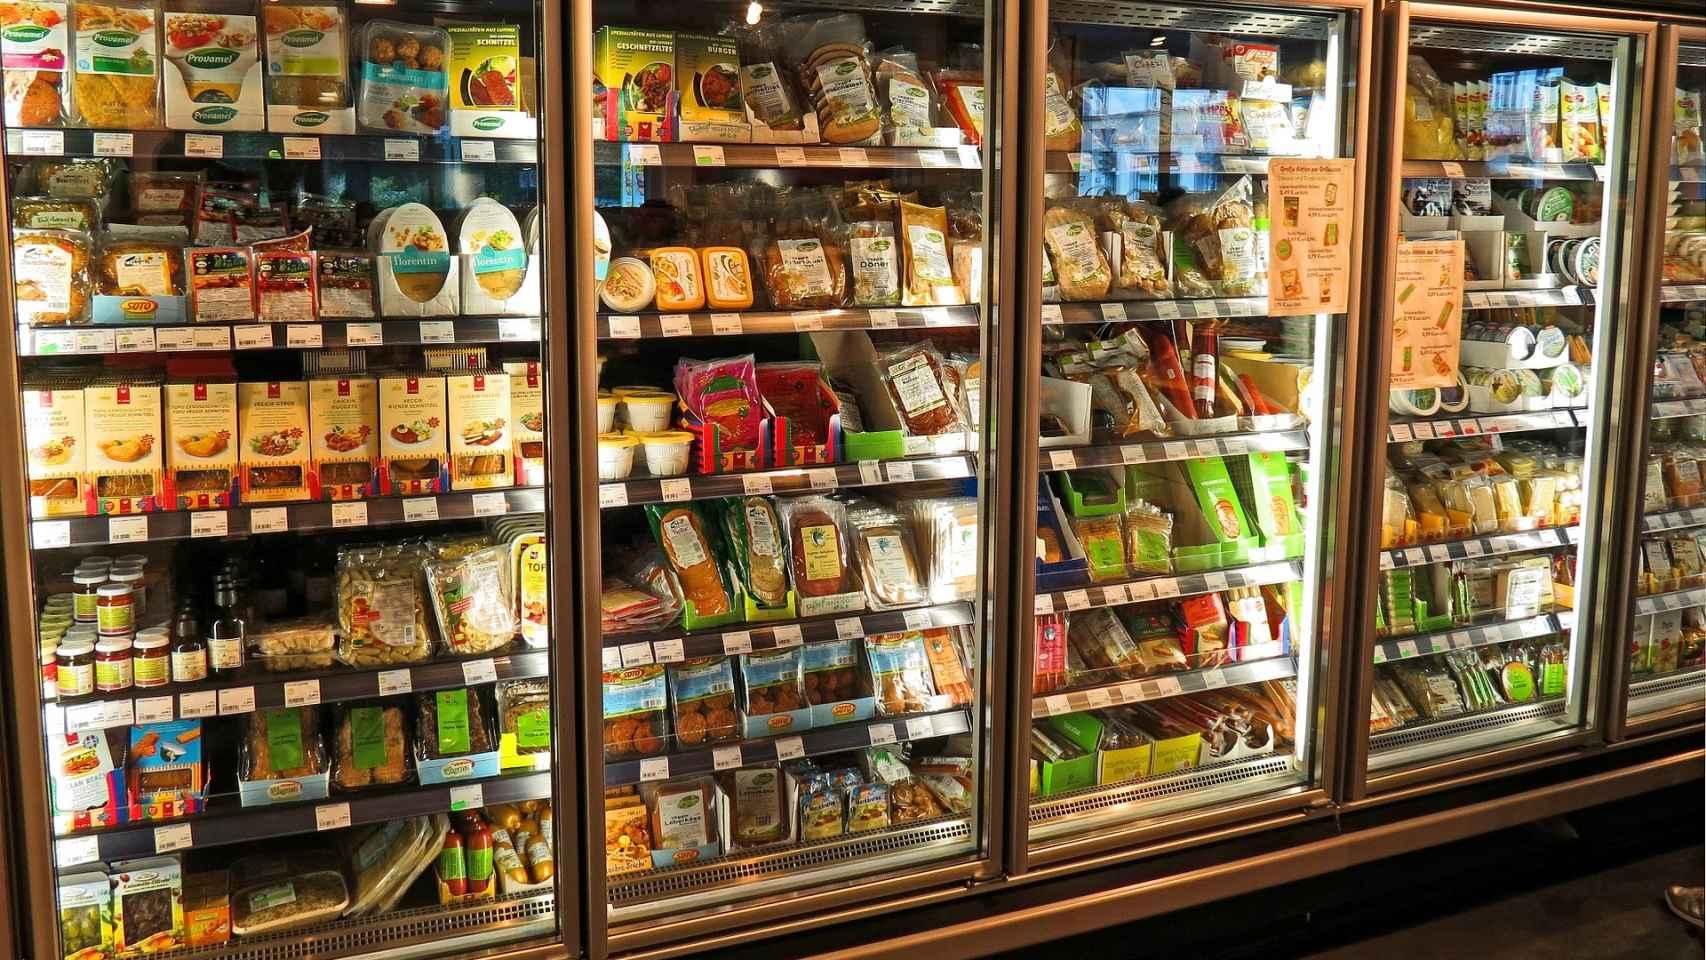 27707-Pixabay-que-hacen-los-supermercados-con-la-comida-que-no-venden